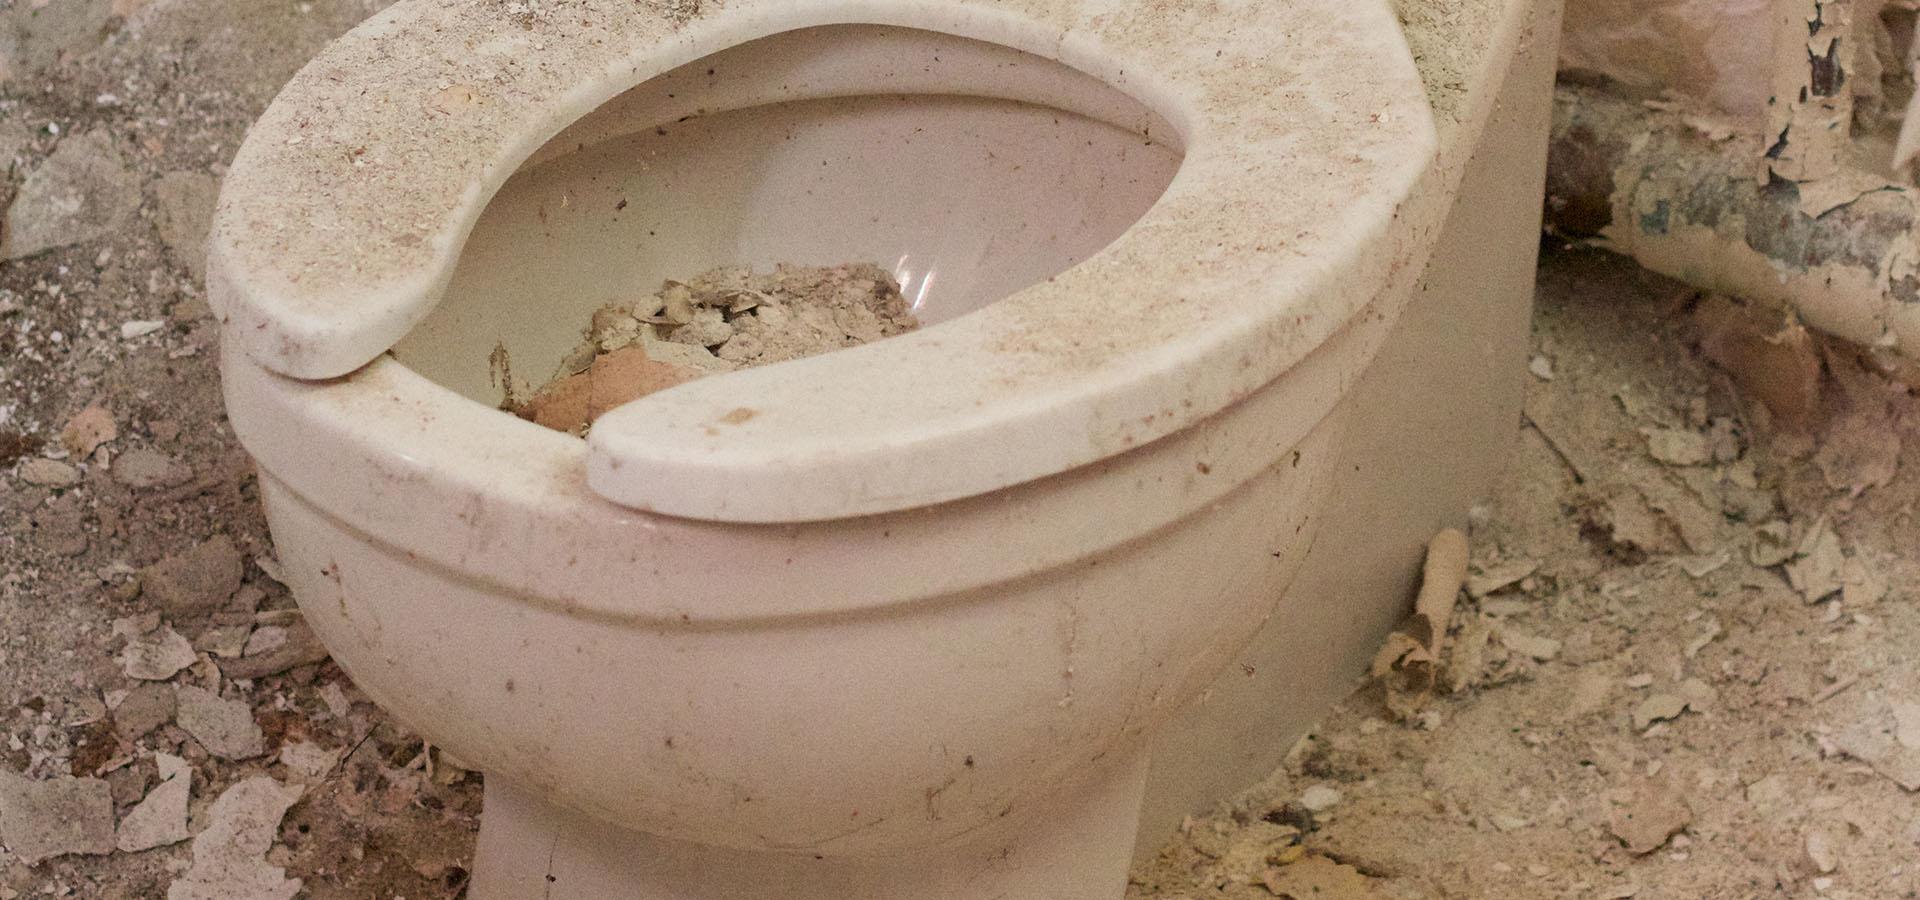 Porcelæn, keramik, glaseret affald bortskaffes